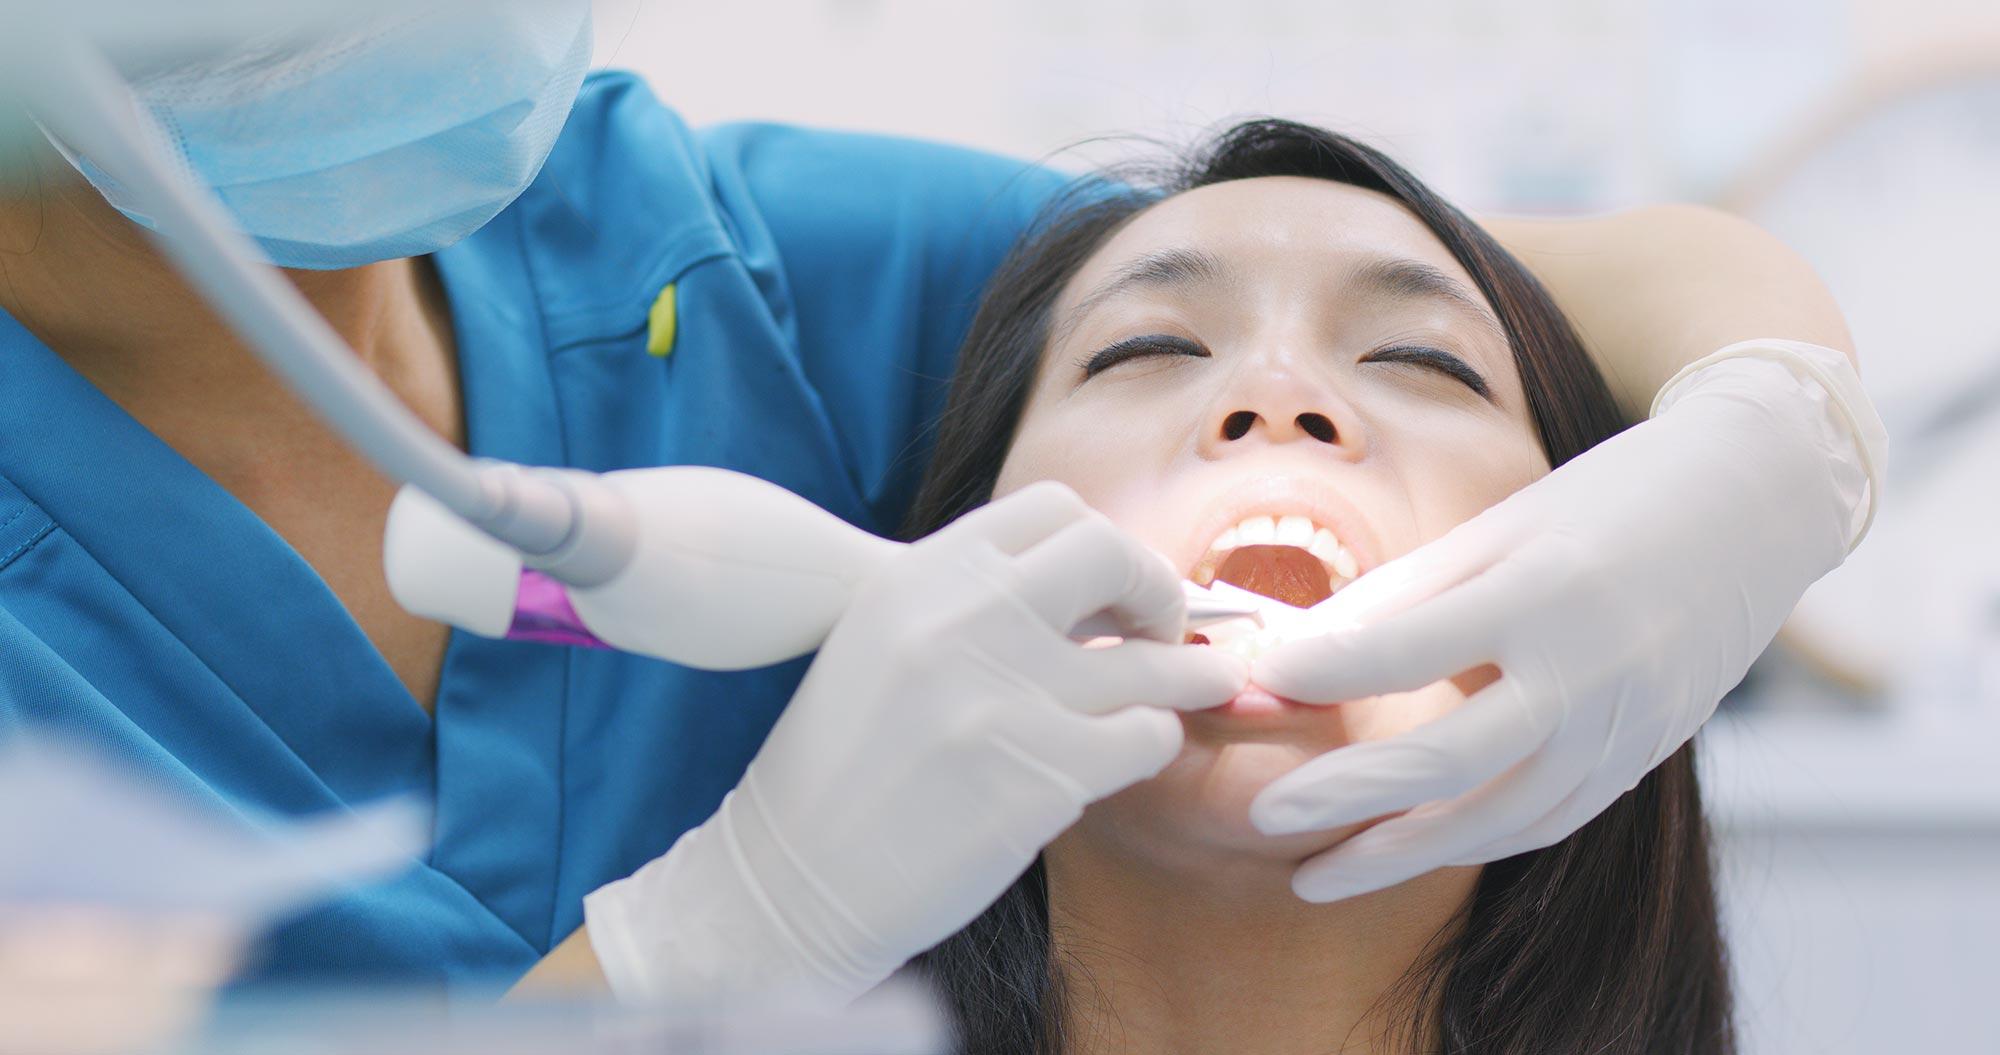 不能錯過植牙過程分享,植牙手術過程大公布